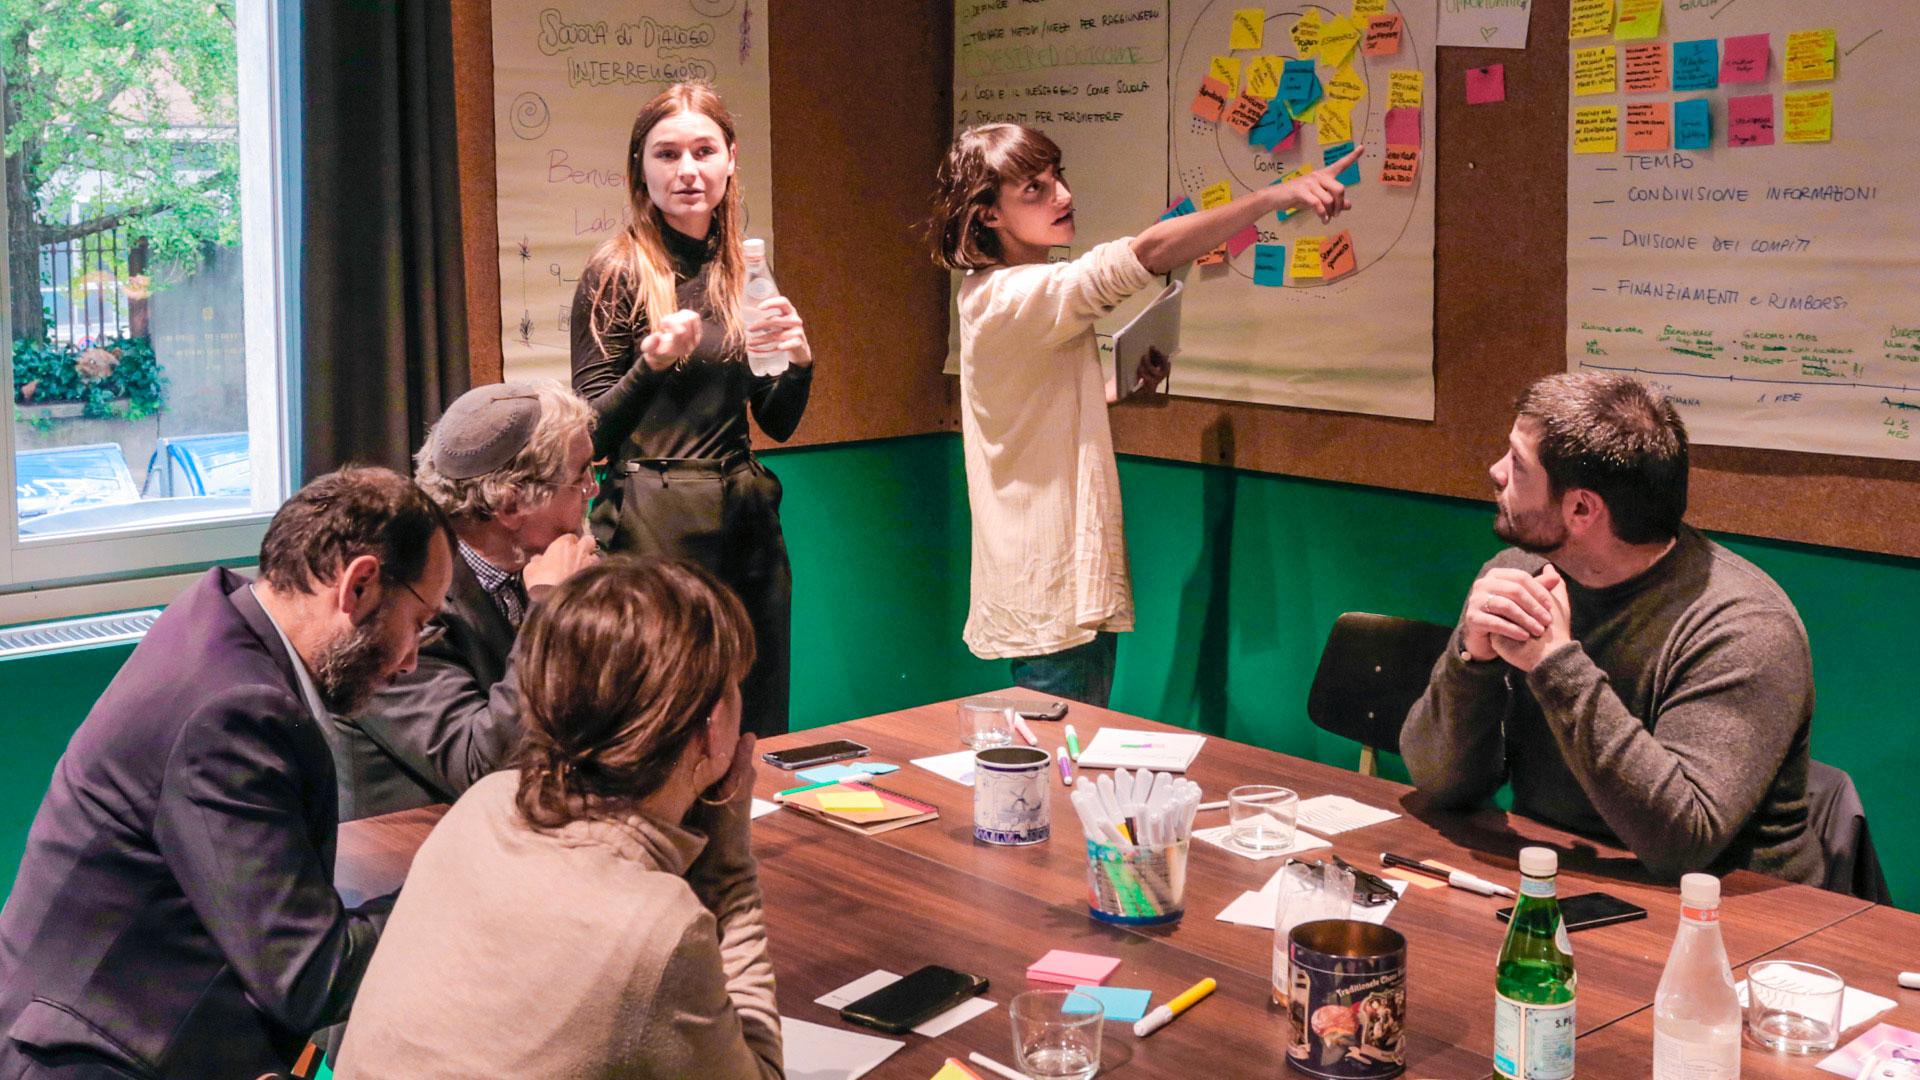 lab rooms design thinking team building